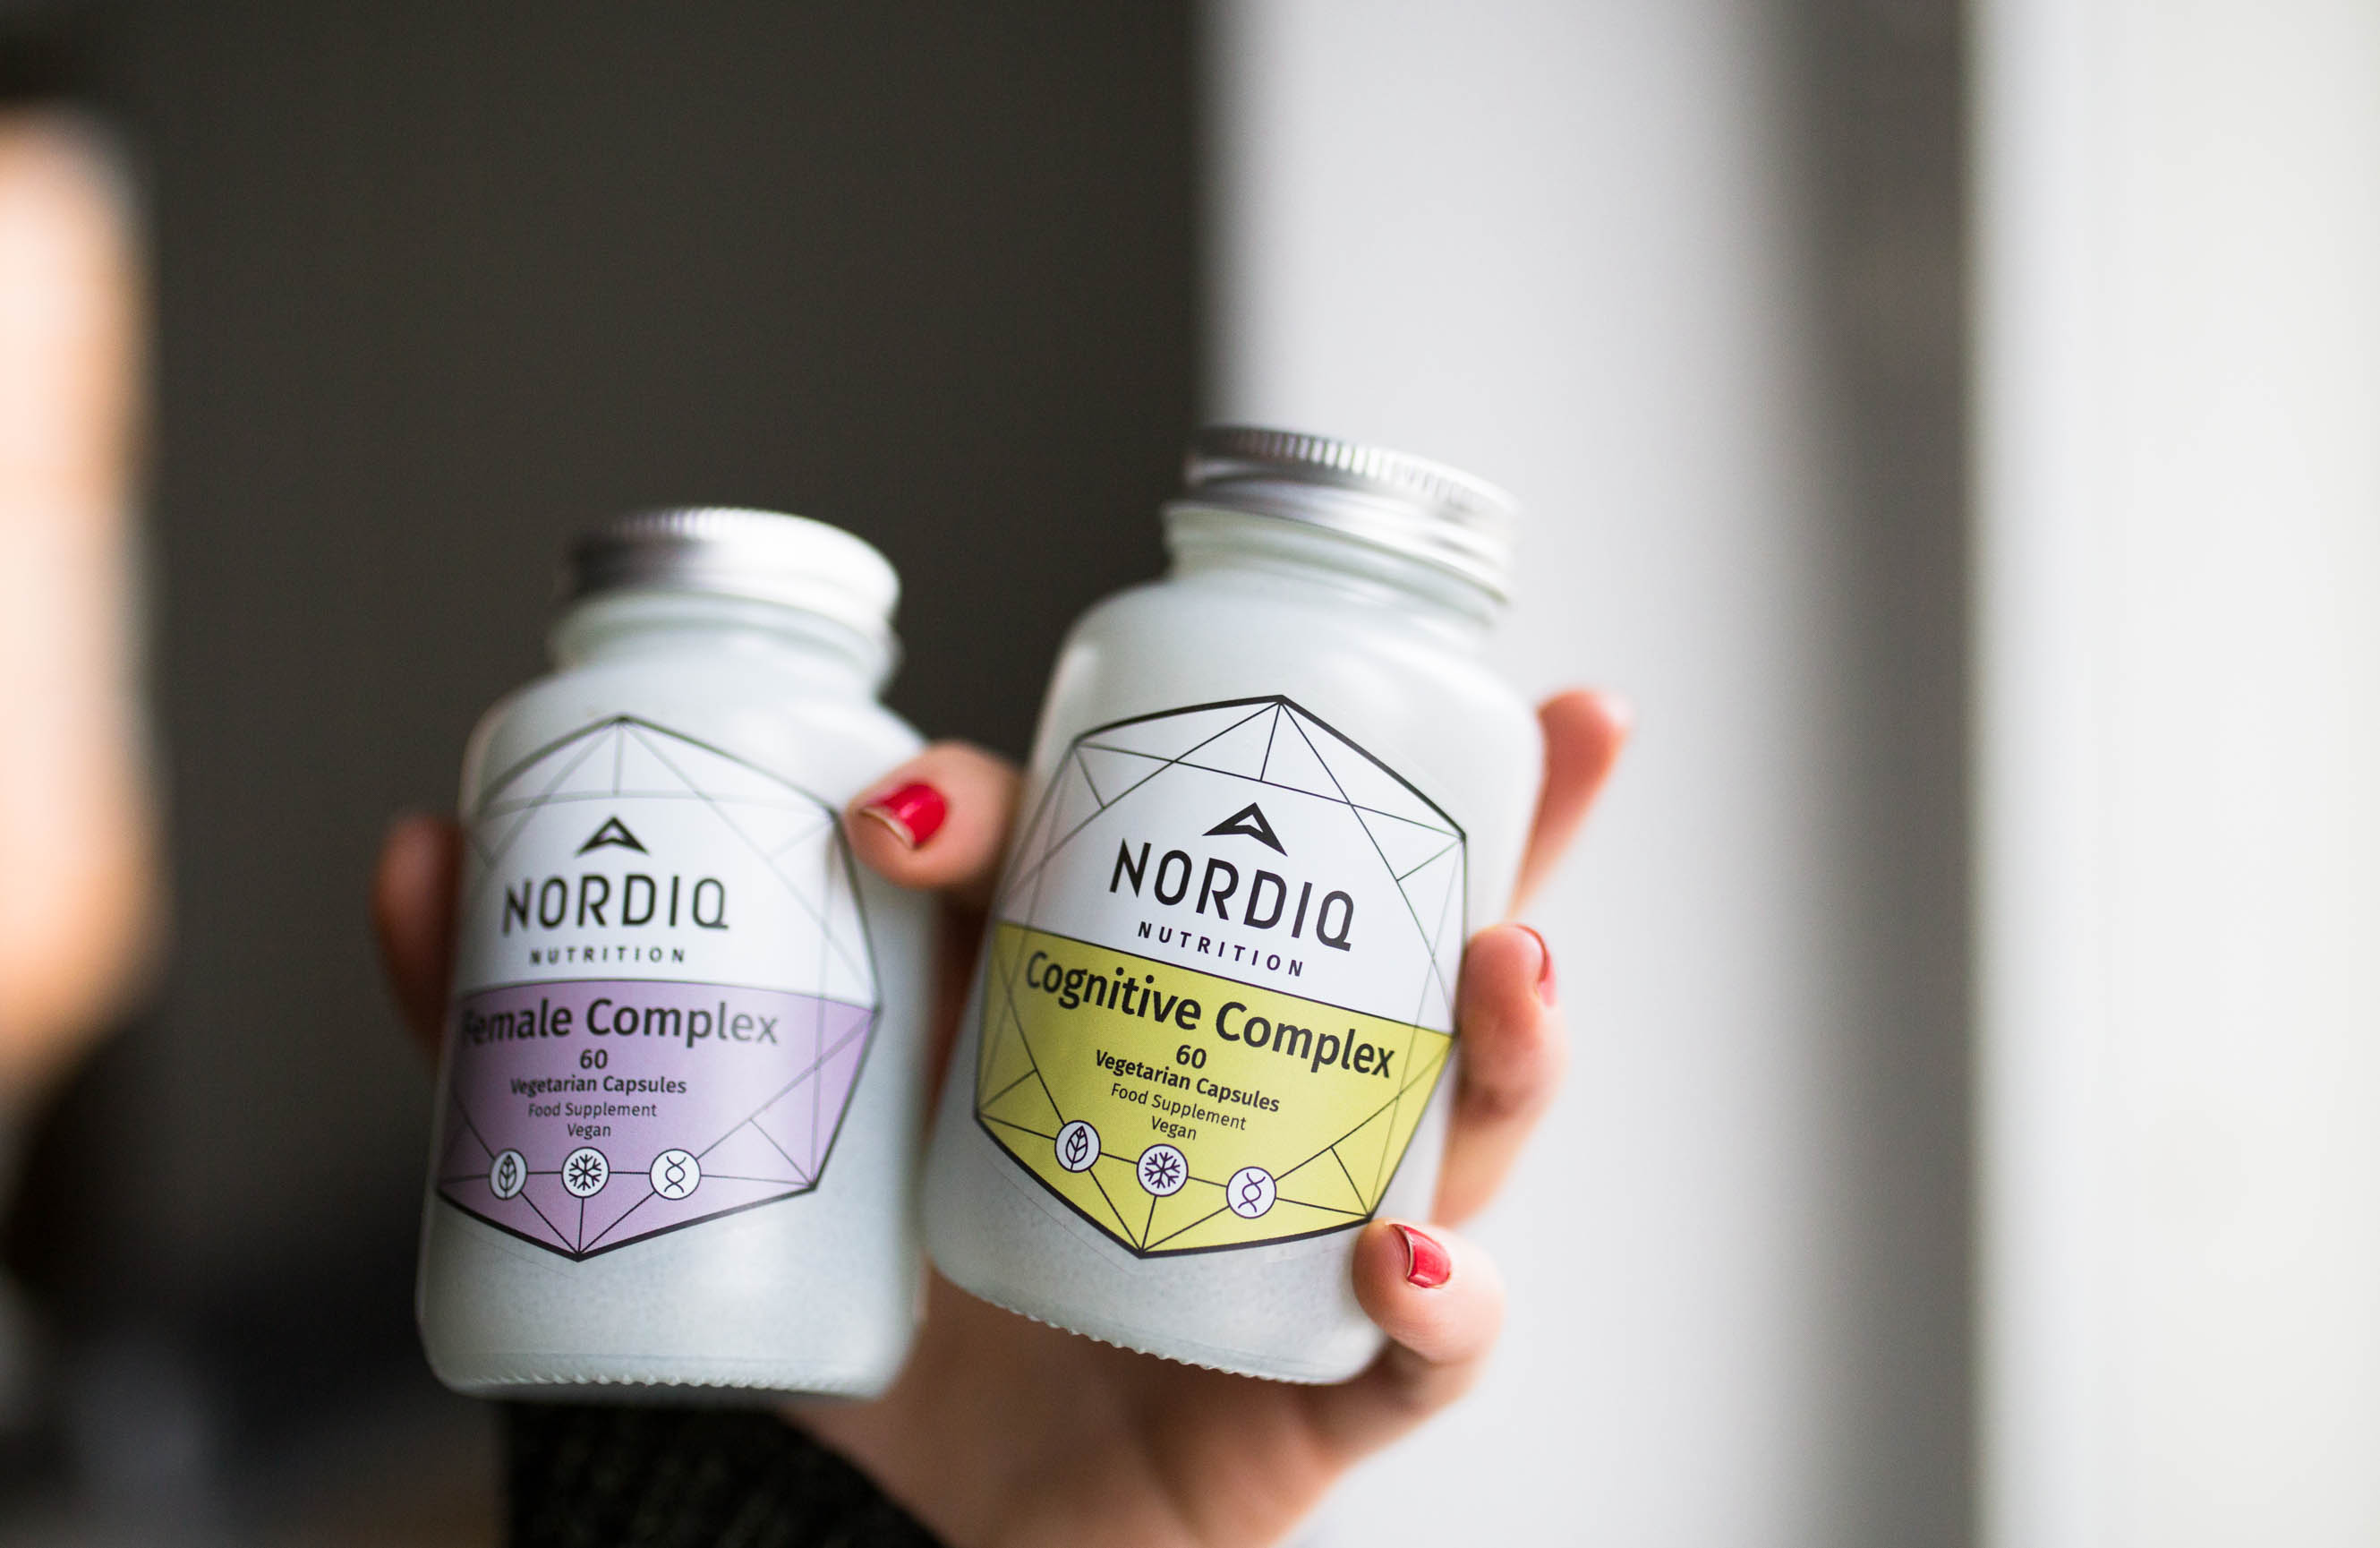 NORDIQ Nutrition